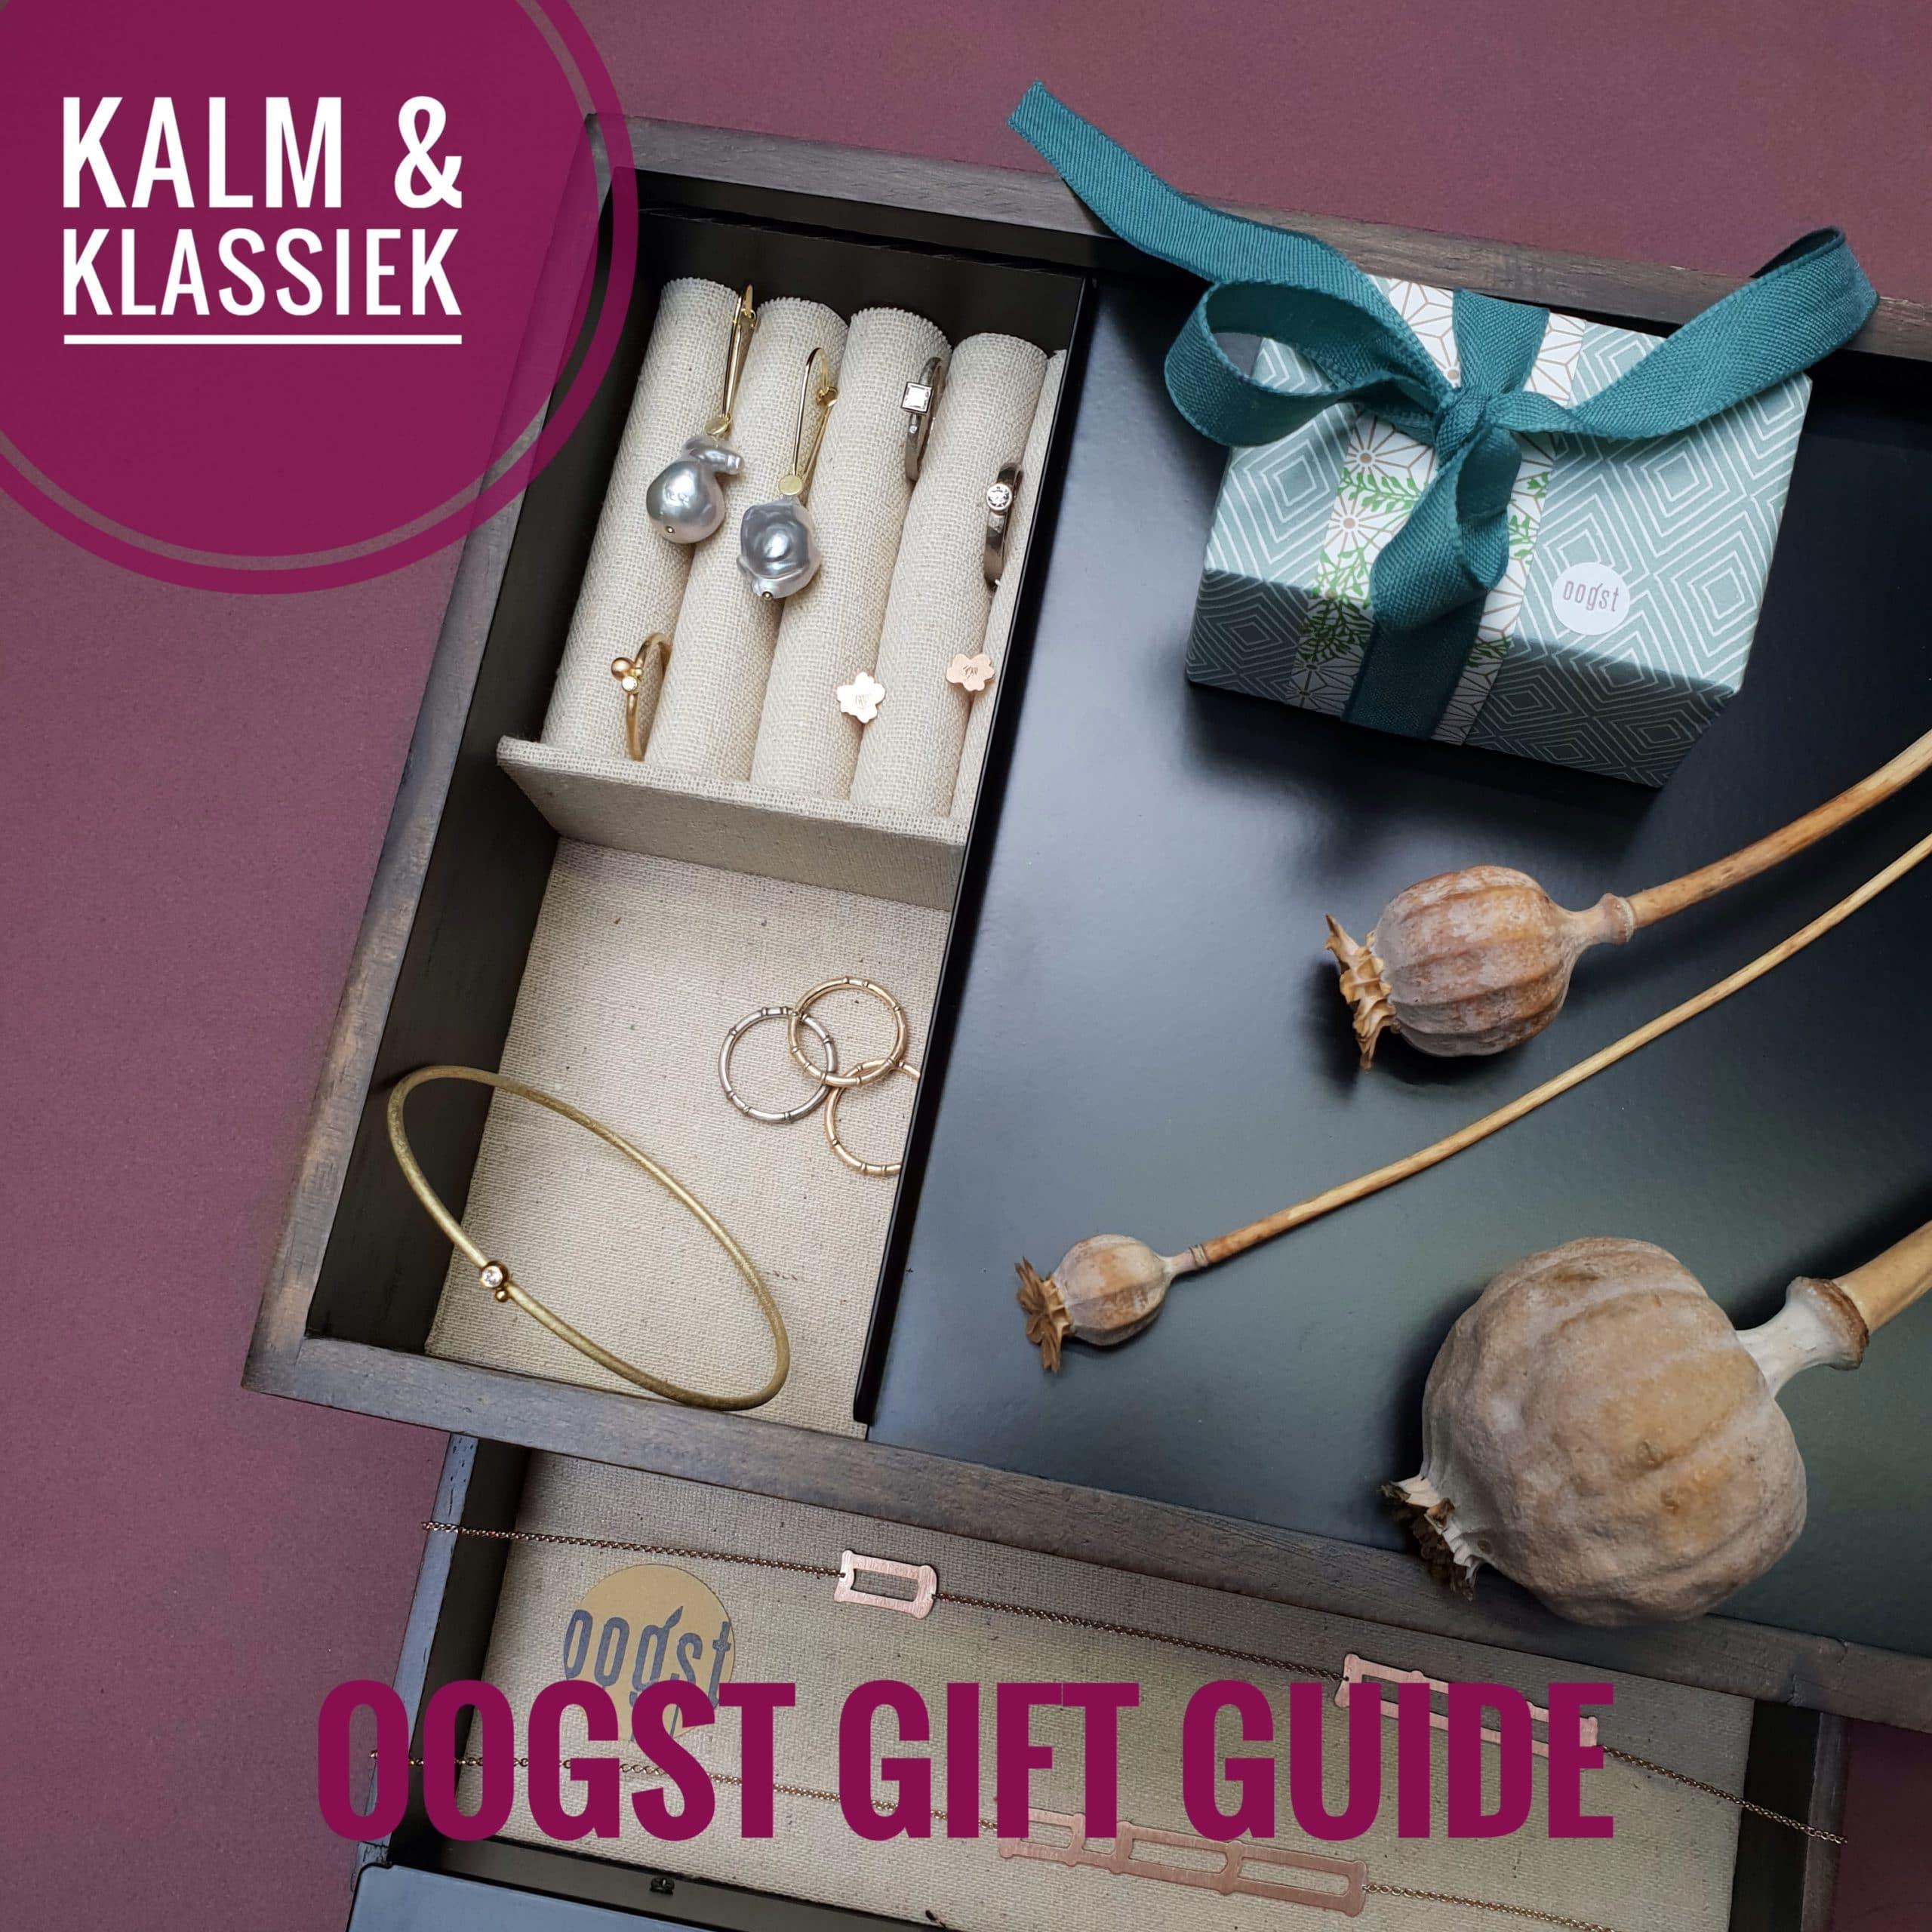 Gift Guide Oogst goudsmid Amsterdam voor het Klassieke type, die van kwaliteit en tijdloos design houdt